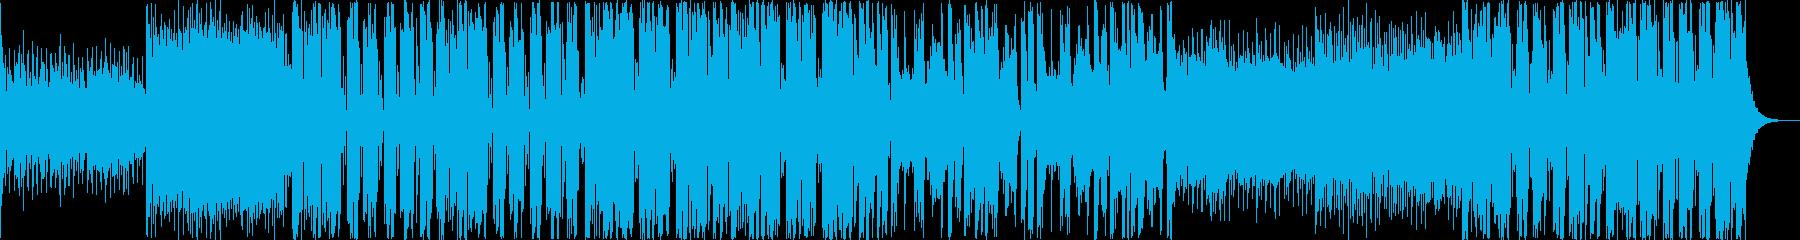 映像向け フューチャーベース EDMの再生済みの波形